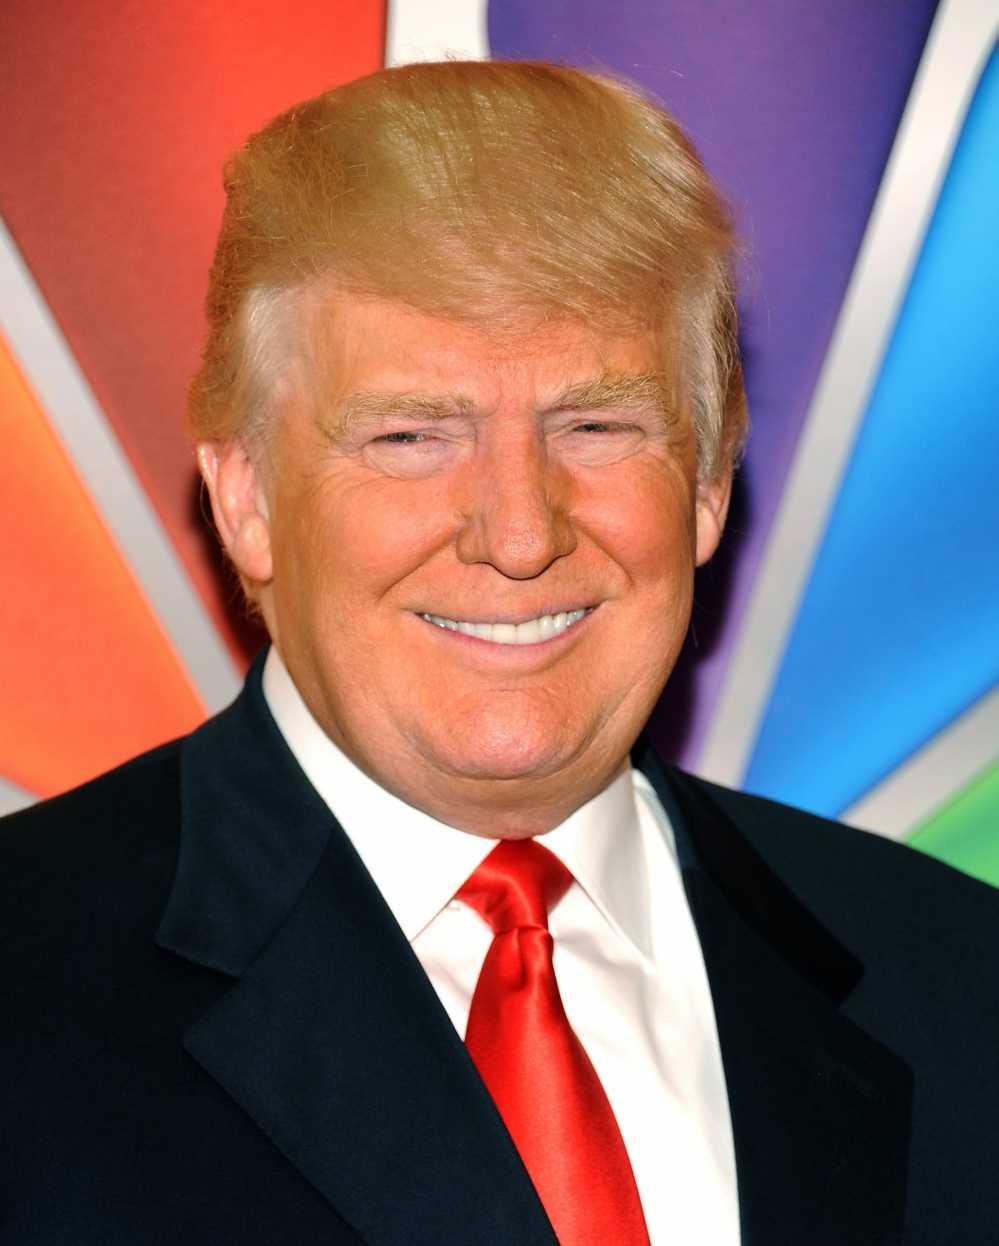 Vi sao da cua Donald Trump lai co mau cam? hinh anh 1